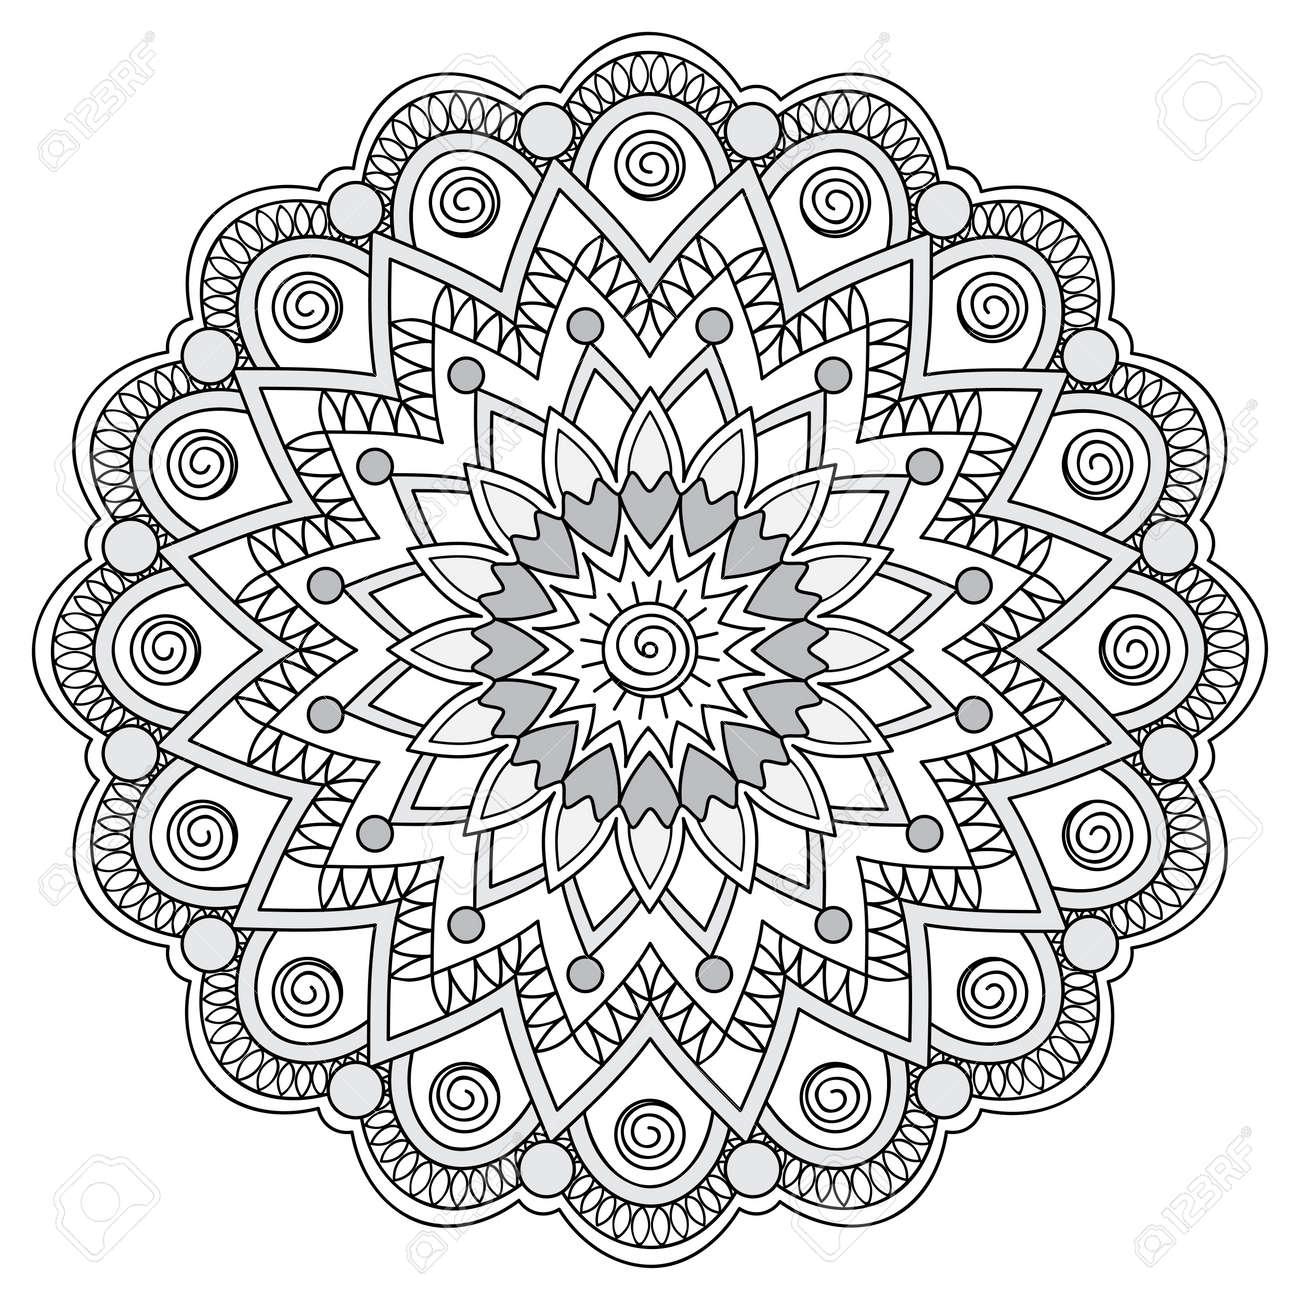 Hand Dekoriert Mandala Gezeichnet. Bild Für Erwachsene Und Kinder ...